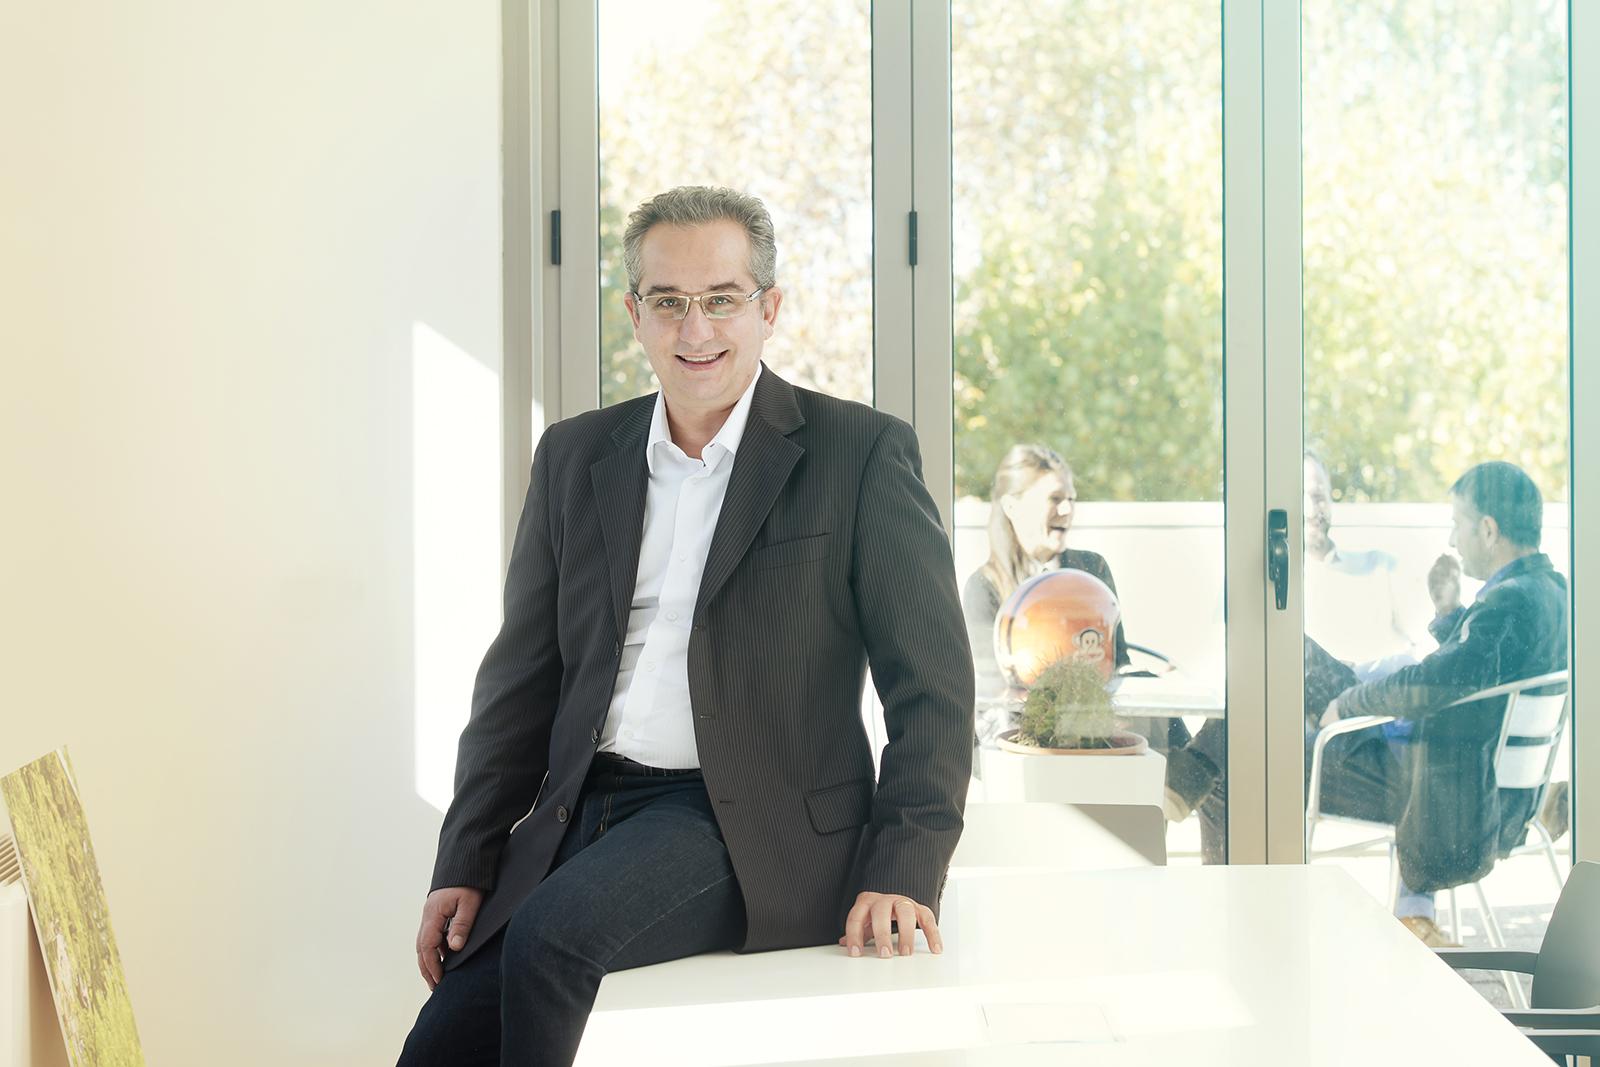 Marcello Mancone